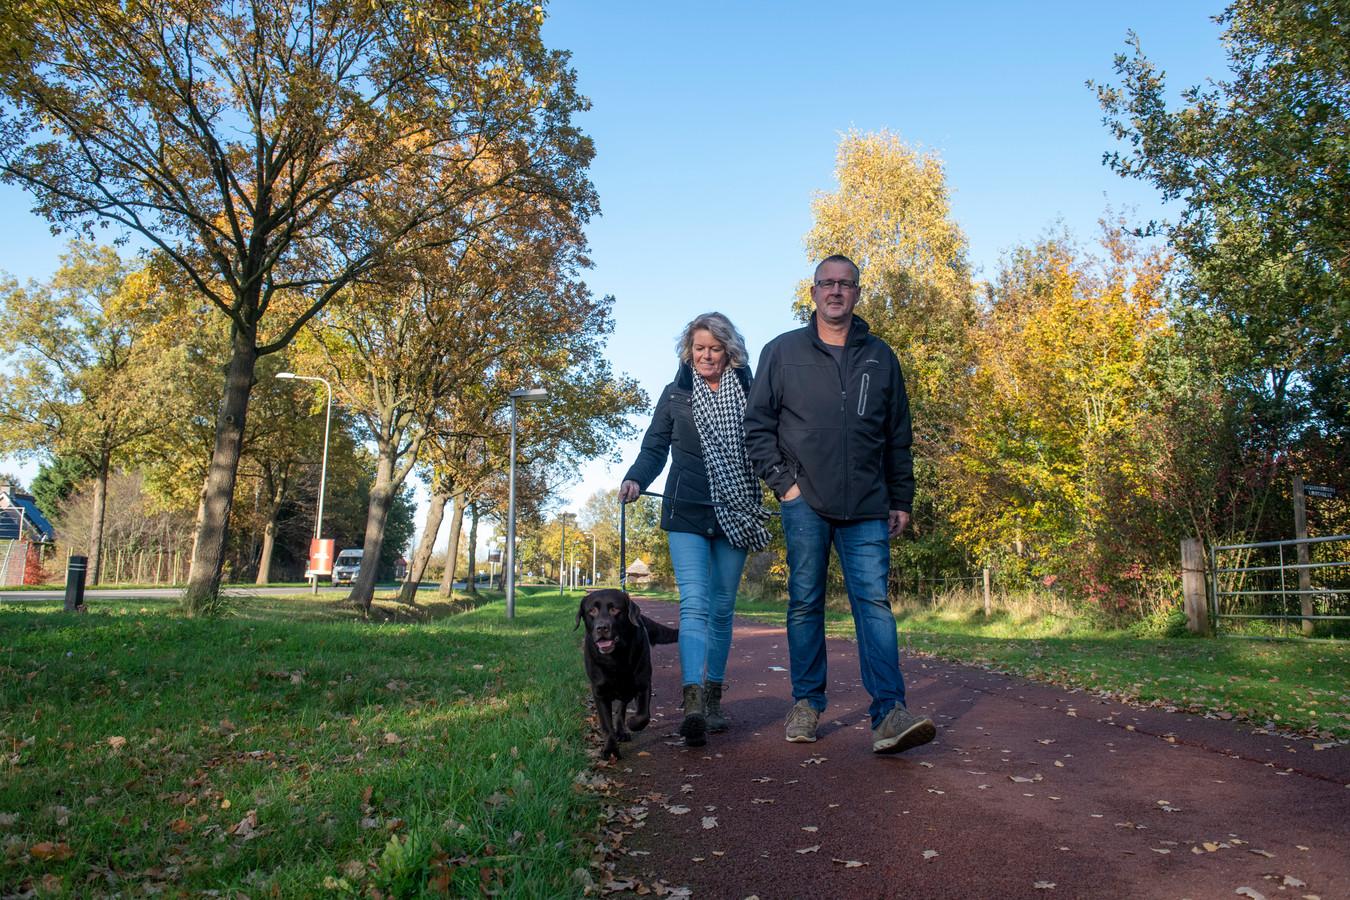 Jos en Anita van Hulsen laten hun hond uit. Het kan maar zo zijn dat ze over een jaartje geen hondenbelasting meer betalen.